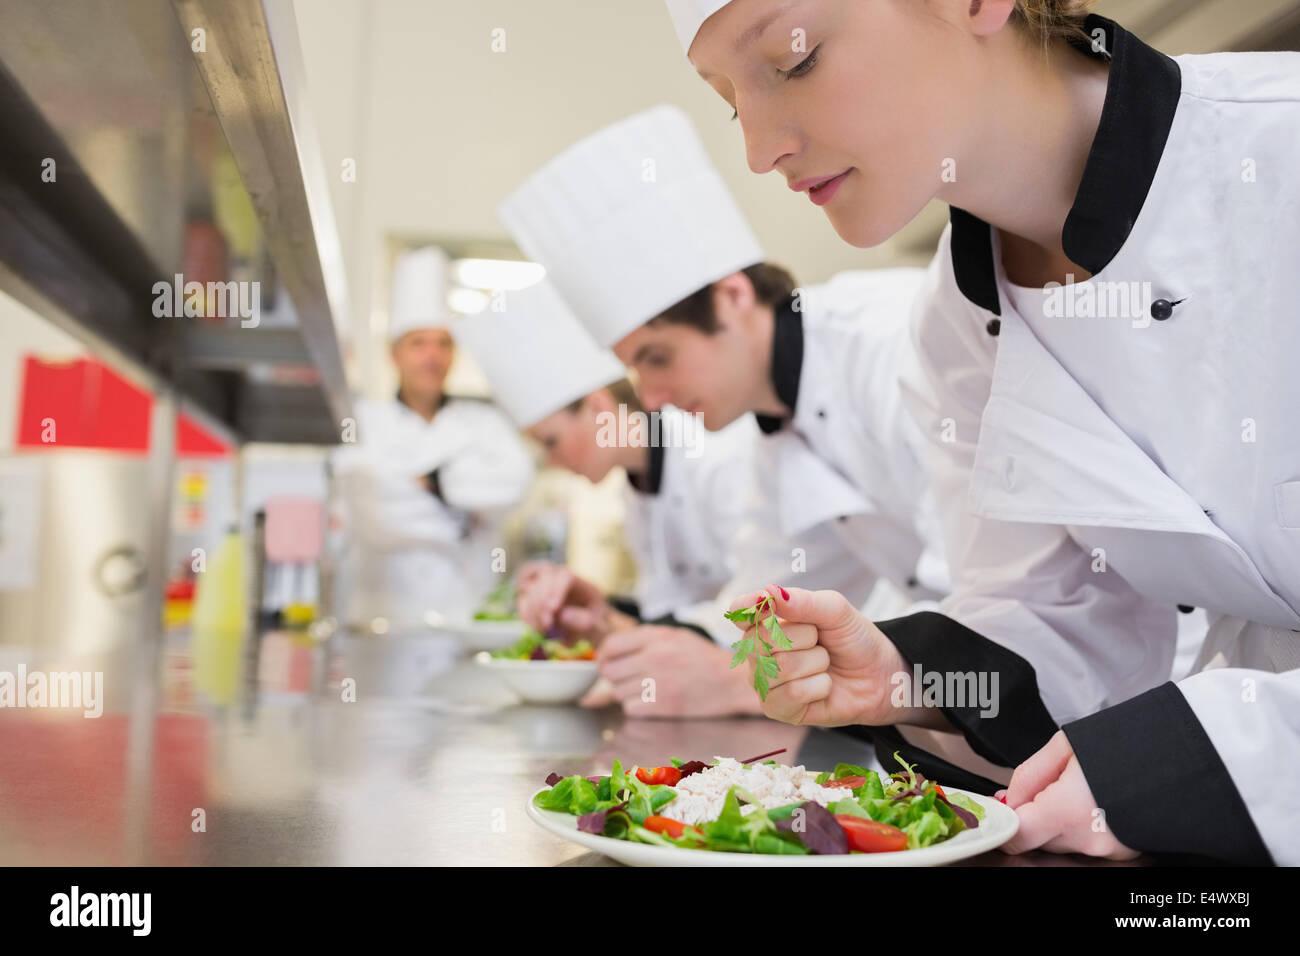 Chef terminando su ensalada en clase culinaria Imagen De Stock